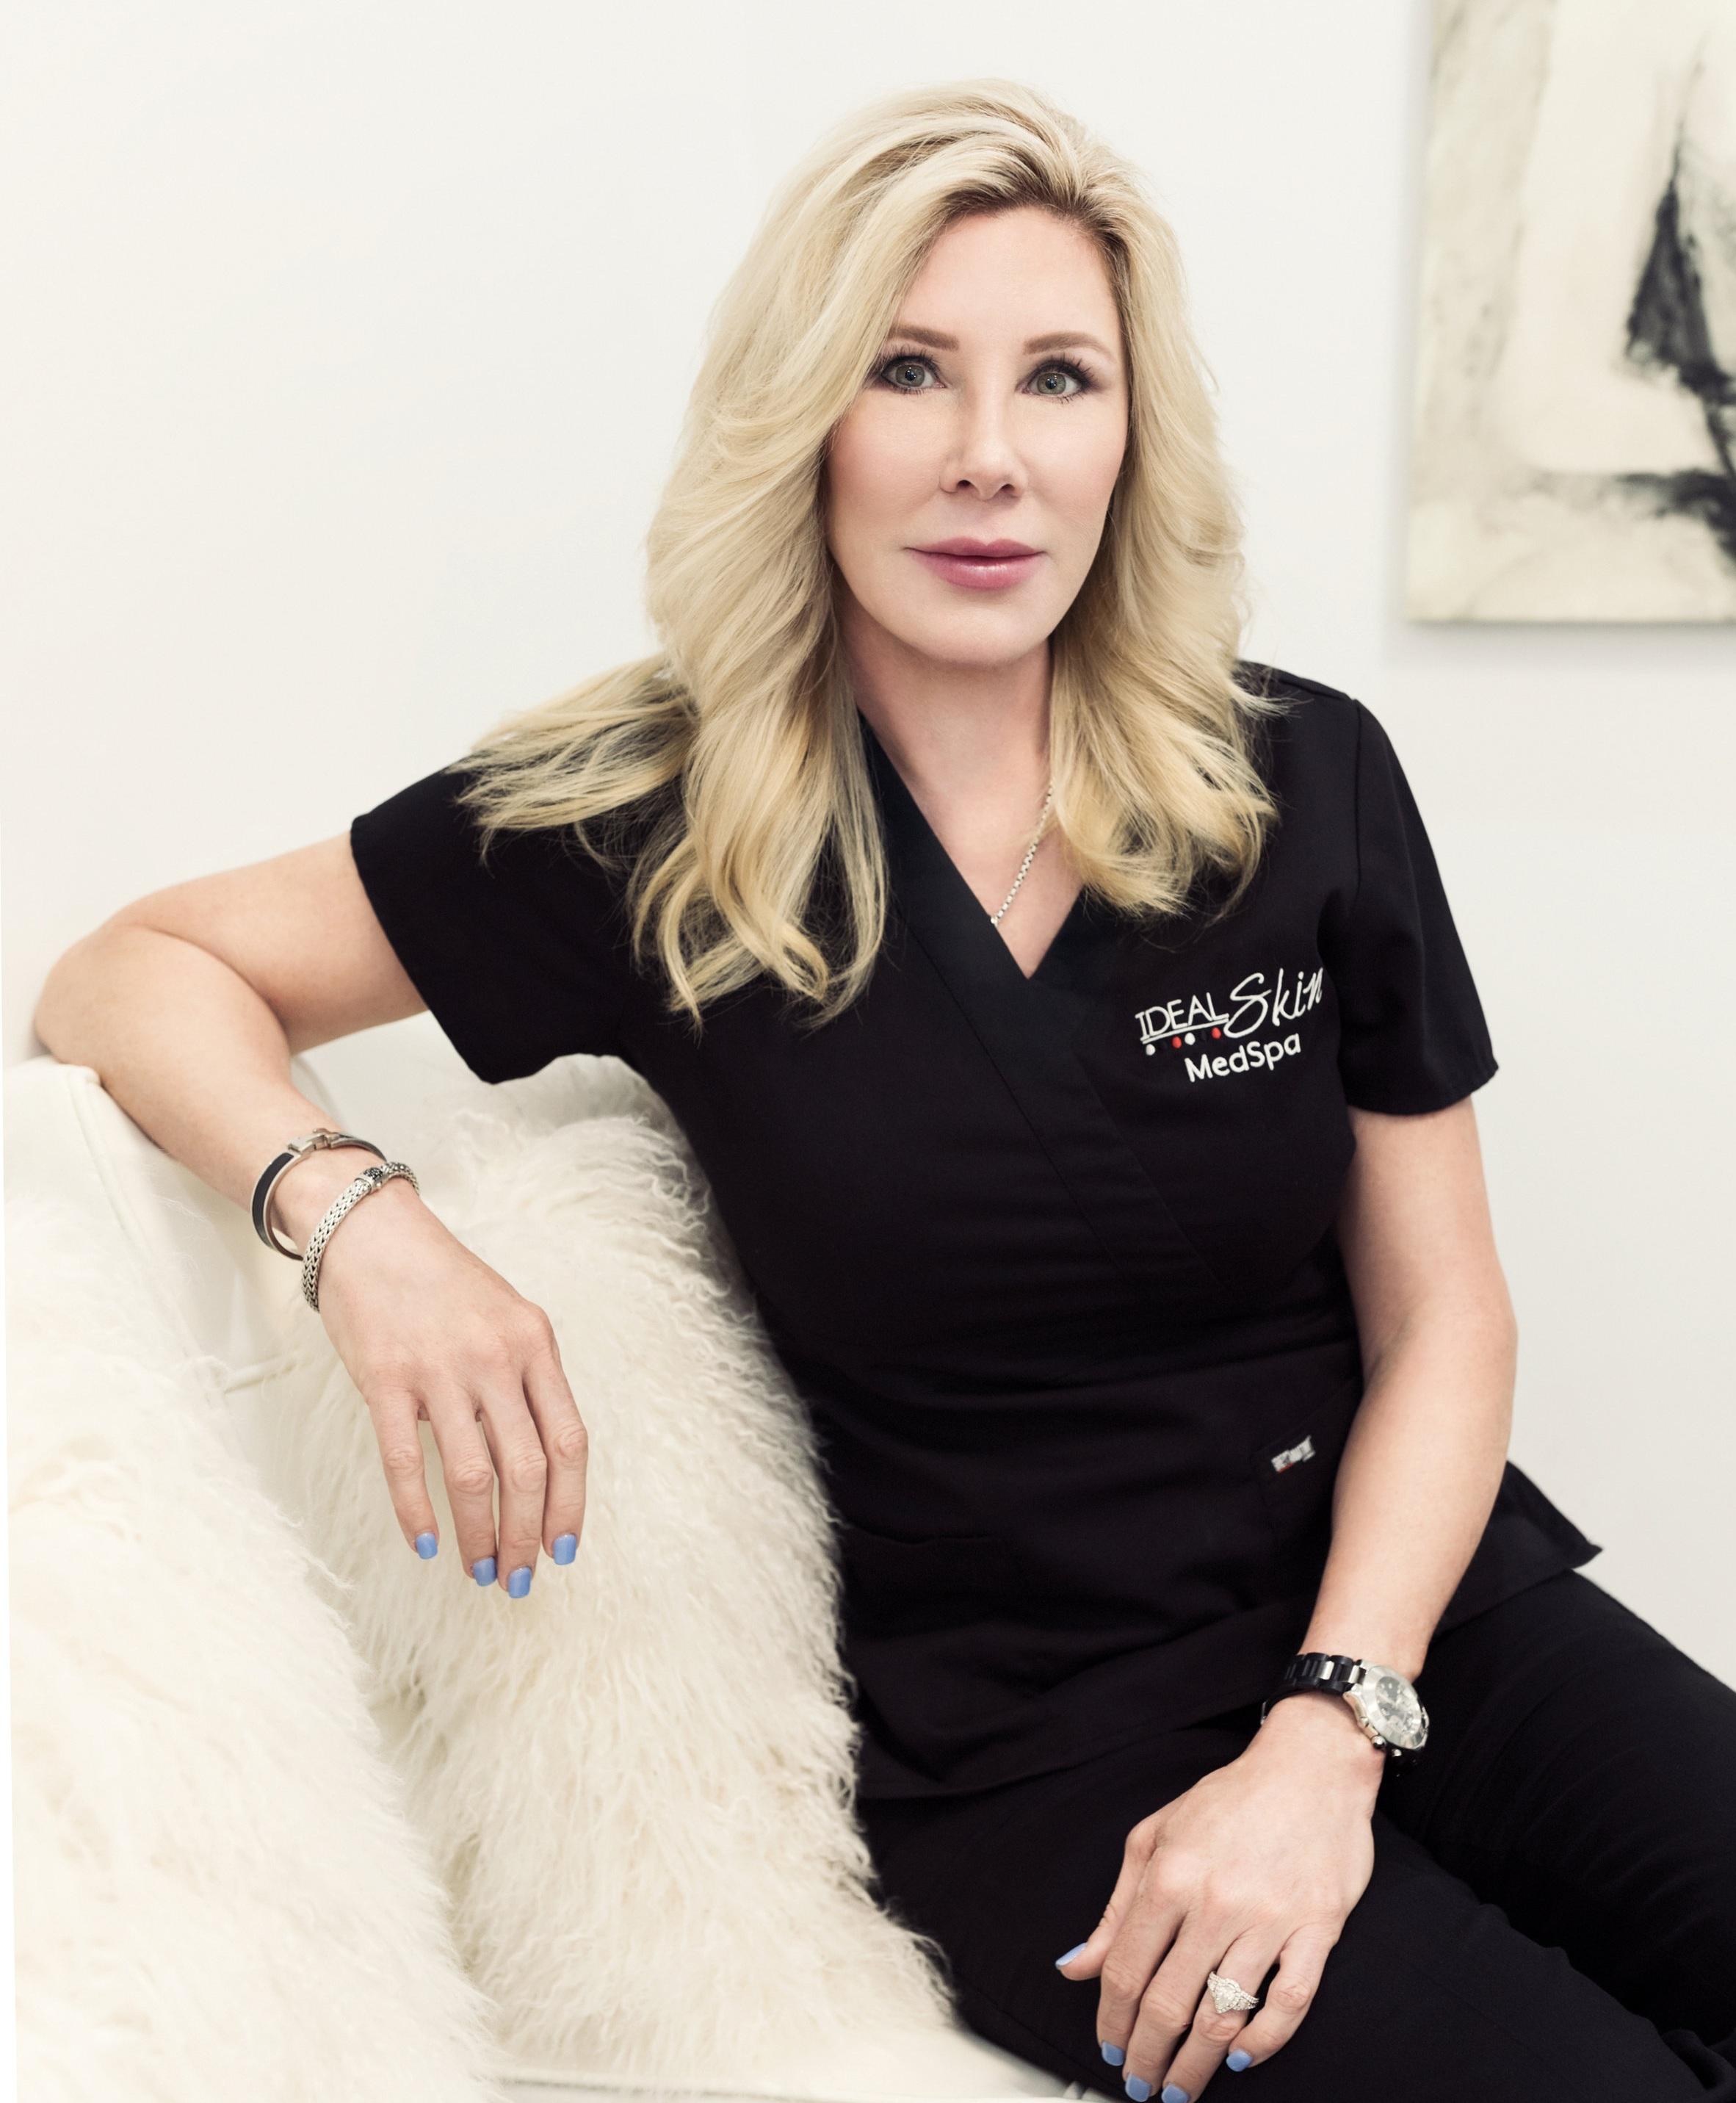 Missy Lane, Principal, CEO, Ideal Skin MedSpa